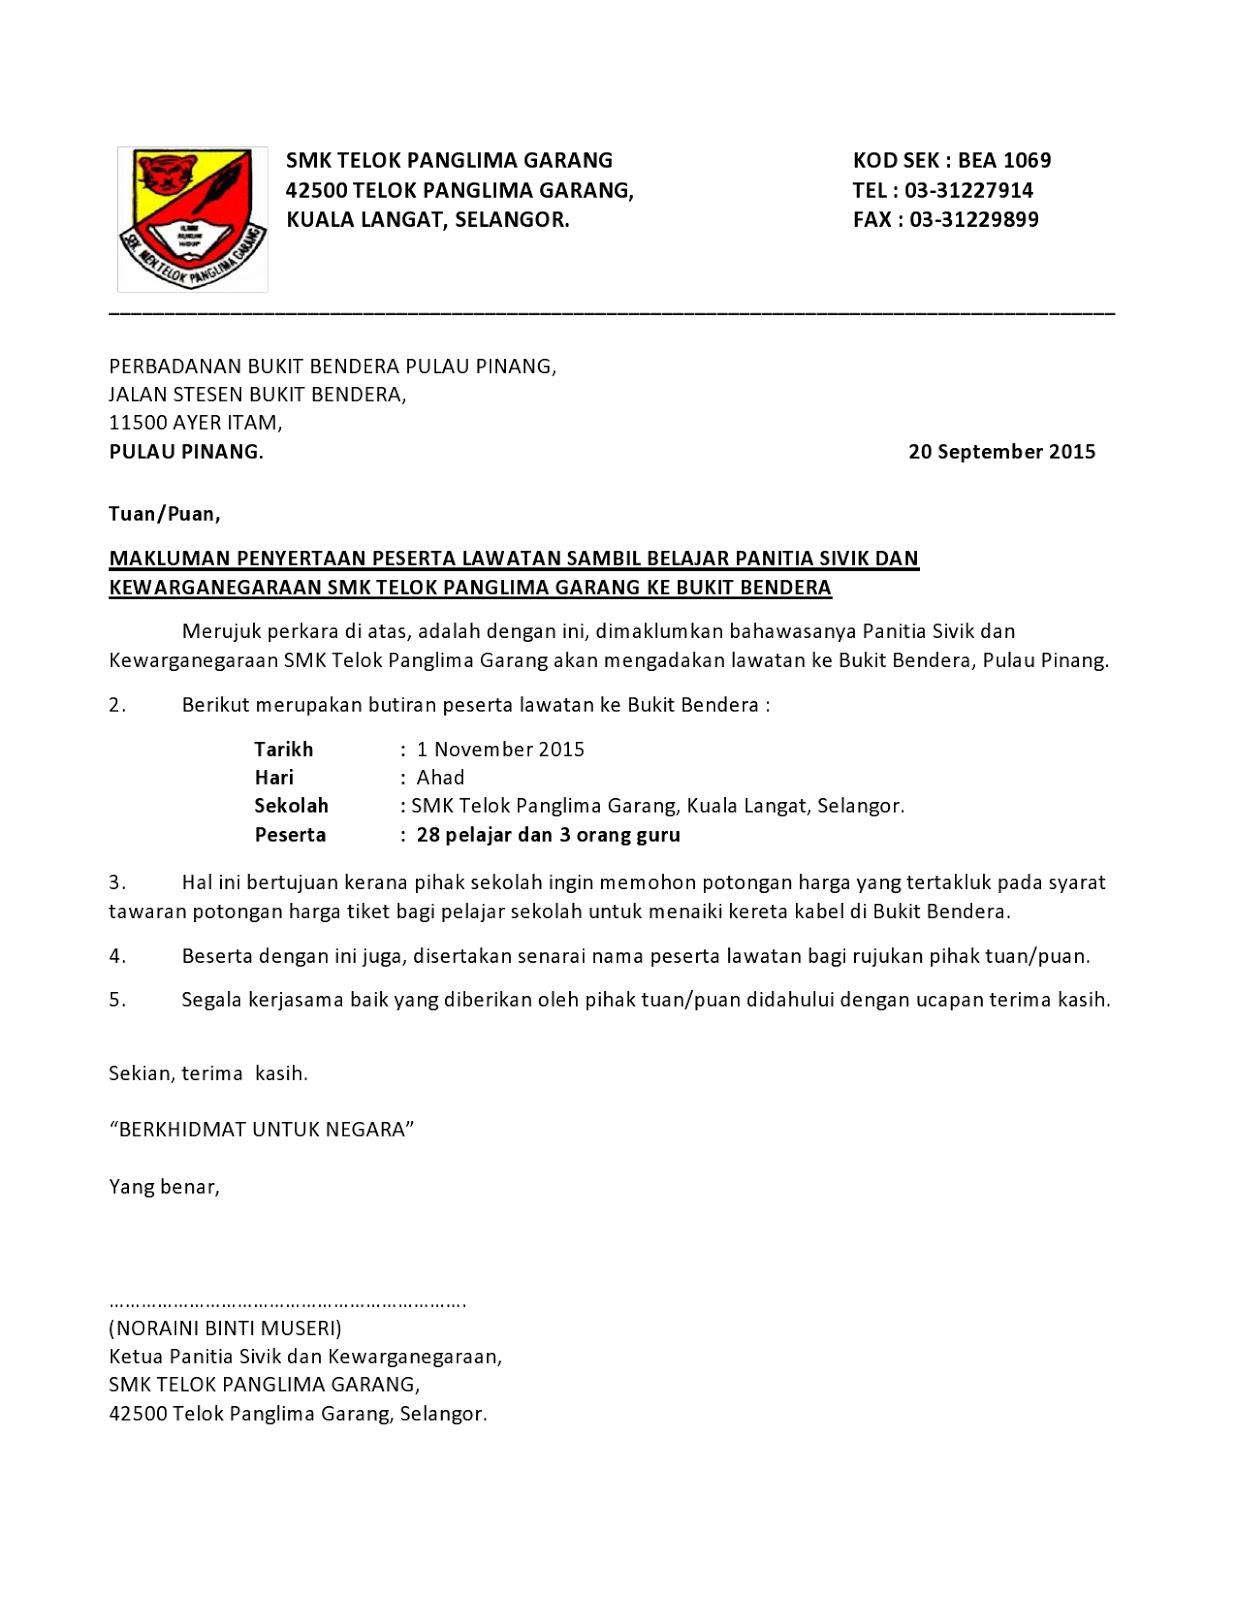 Dokumen : Contoh Surat Permohonan Potongan Harga Tiket Lawatan Sekolah   S K E M A